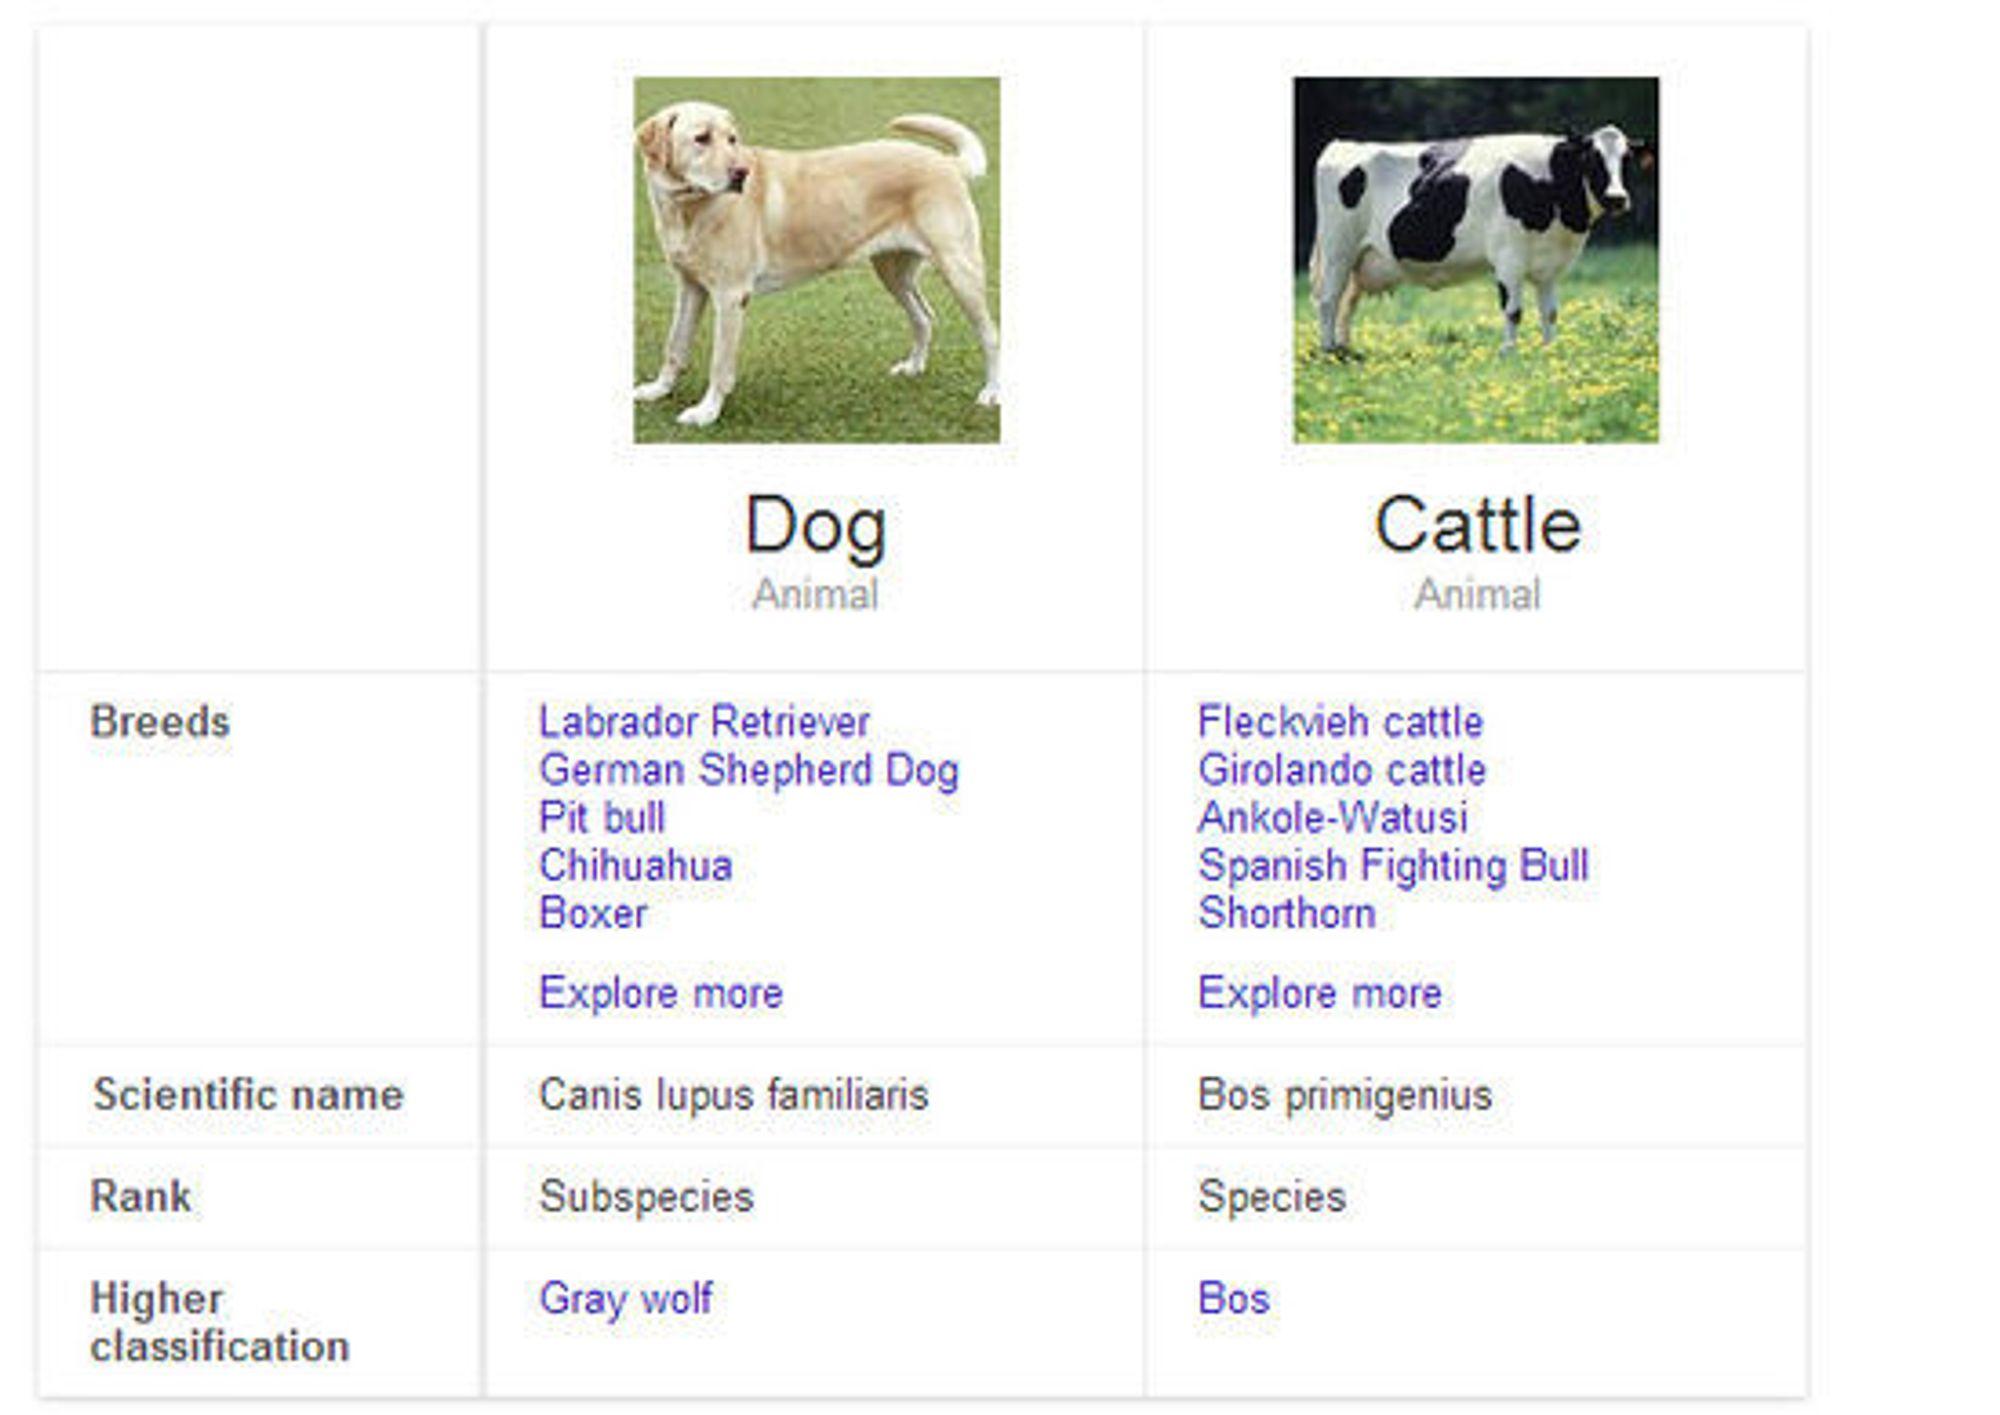 Det er nå mulig å få Google til å vise en grov sammenligning av for eksempel ulike husdyrarter.